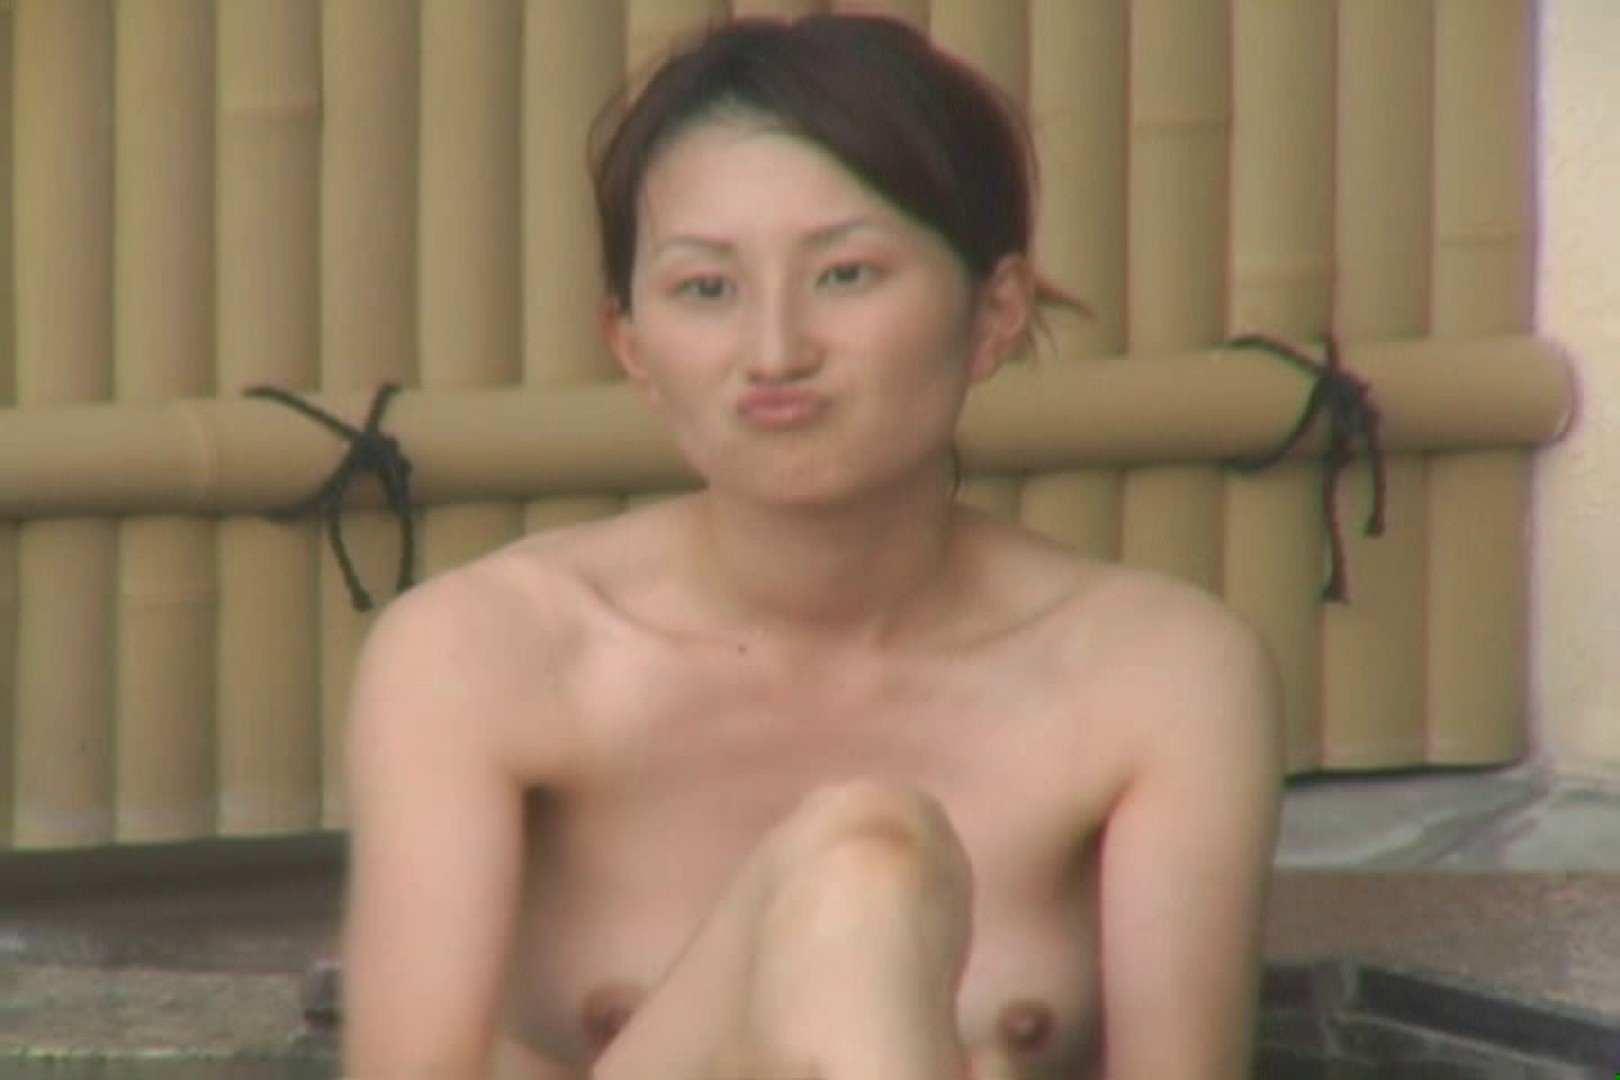 Aquaな露天風呂Vol.578 盗撮師作品 | 美しいOLの裸体  70pic 25